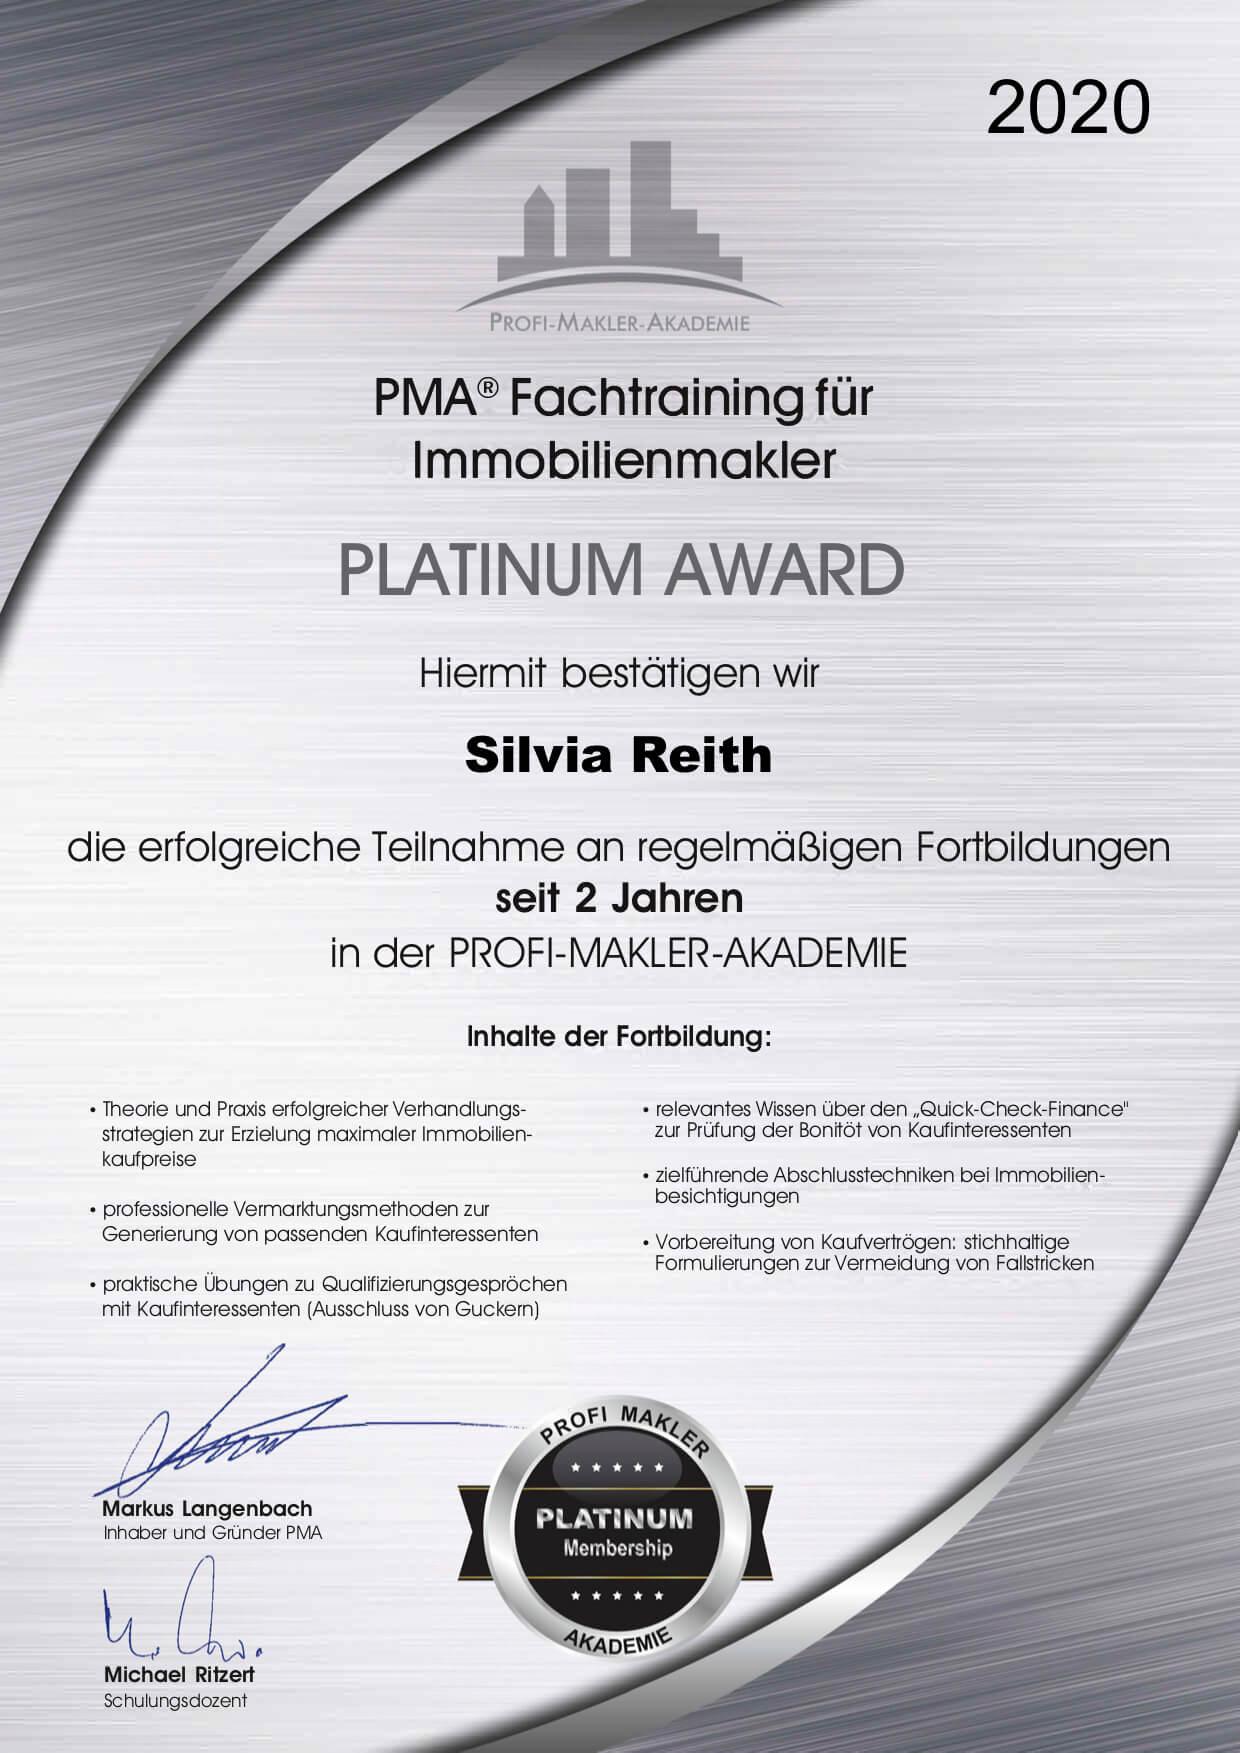 Platinum Award 2 Jahre - Fachtraining für Immobilienmakler